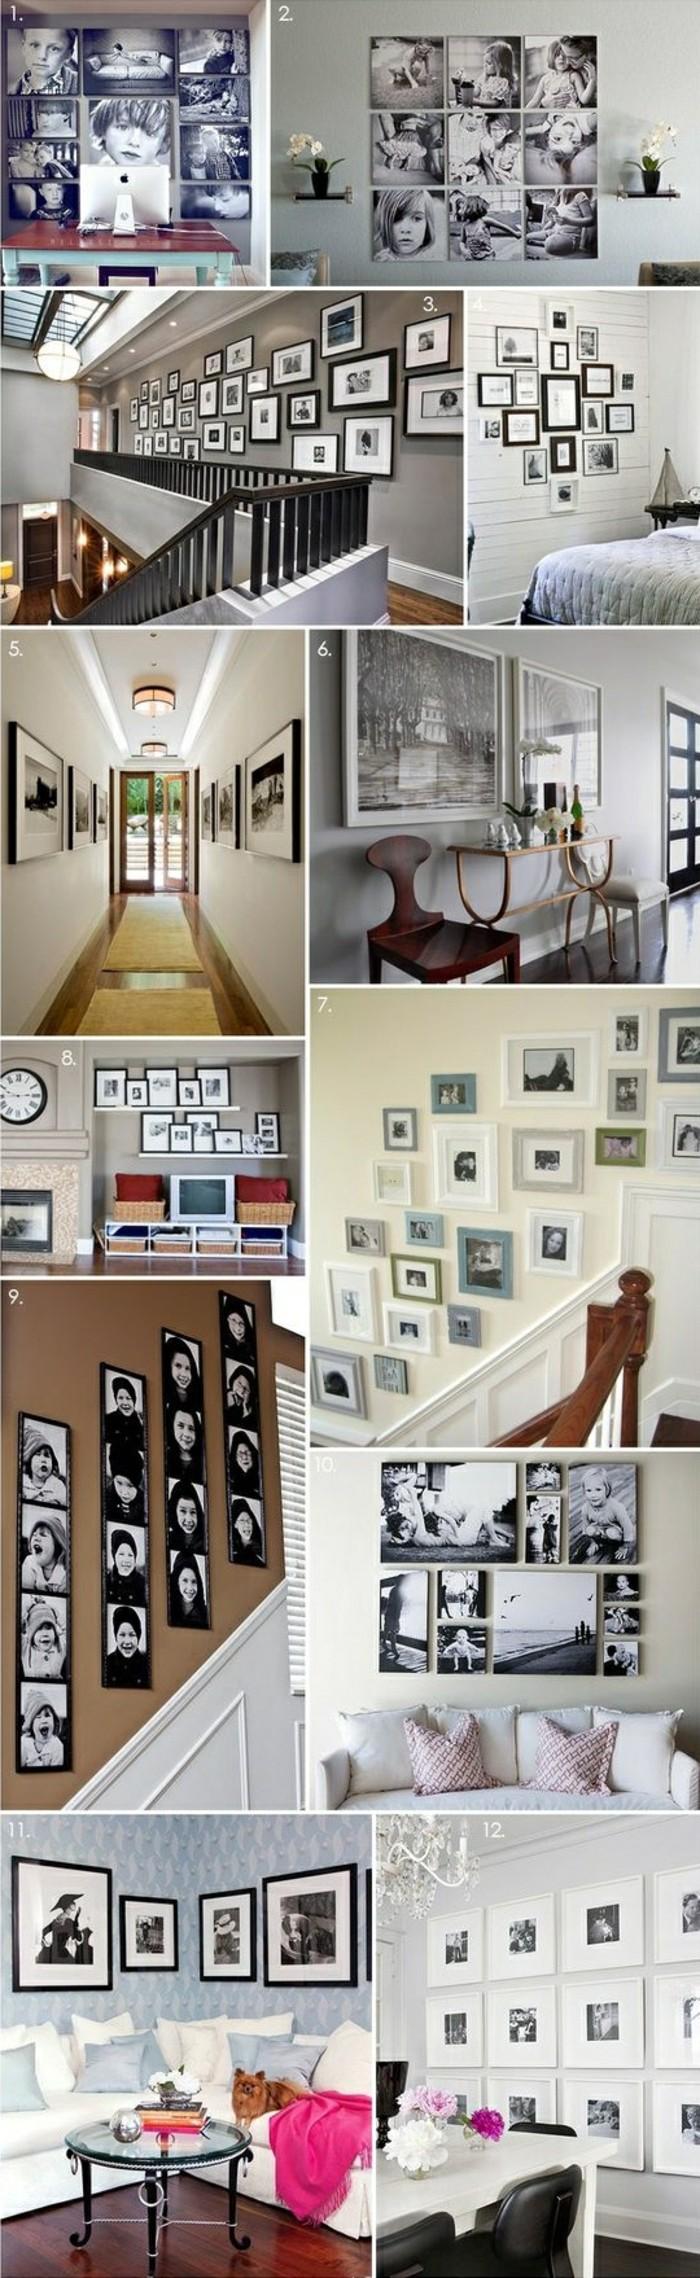 fotowand selber machen: 66 wunderschöne ideen und inspirationen, Wohnzimmer dekoo